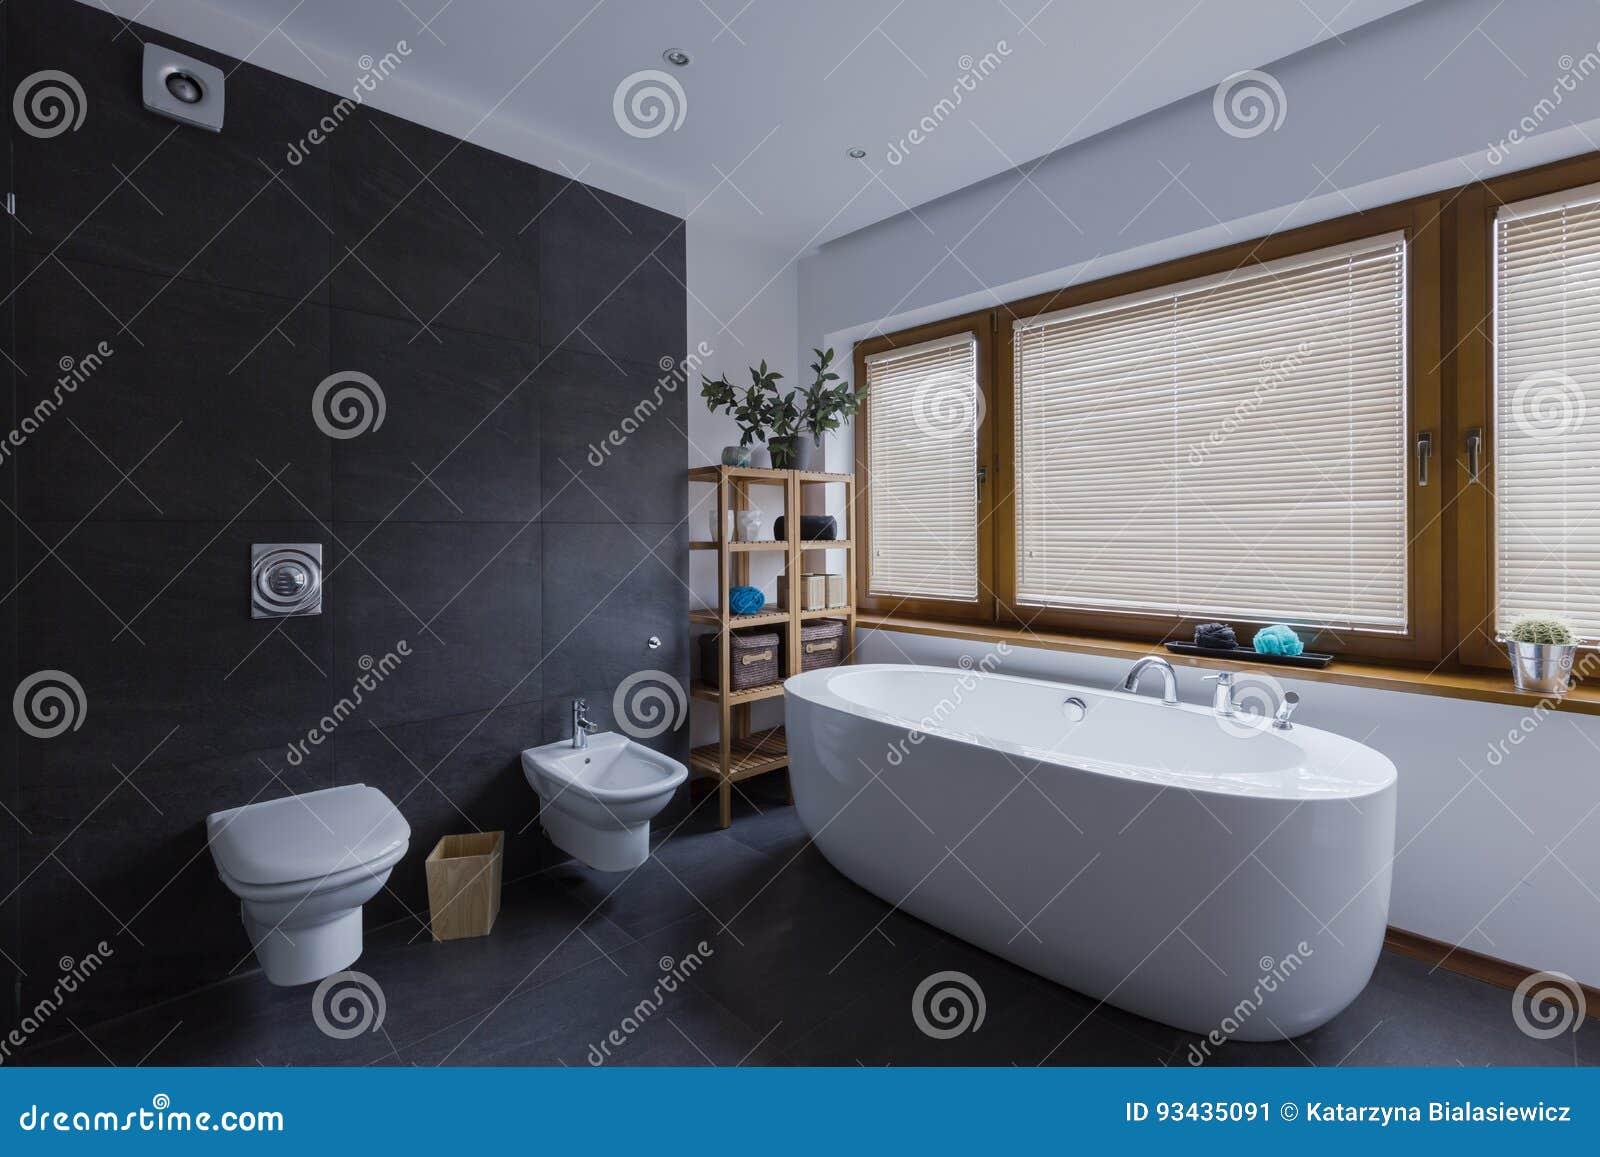 Modernes Dunkles Badezimmer Mit Toilette Stockbild - Bild von